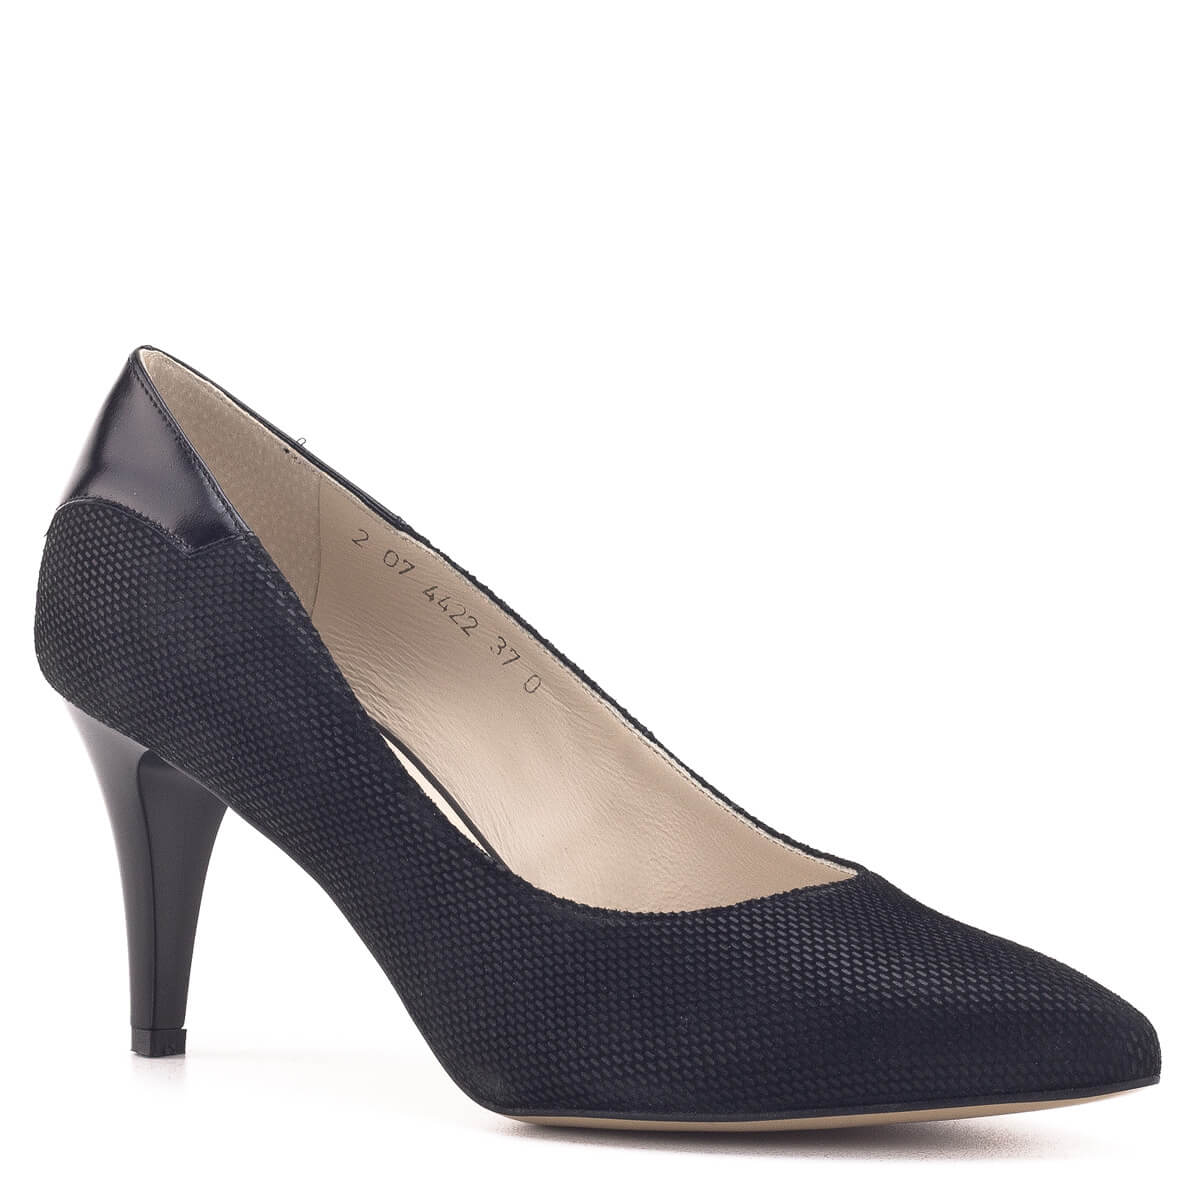 Anis női cipő. Fekete magas sarkú Anis cipő bőrből, bőr béléssel